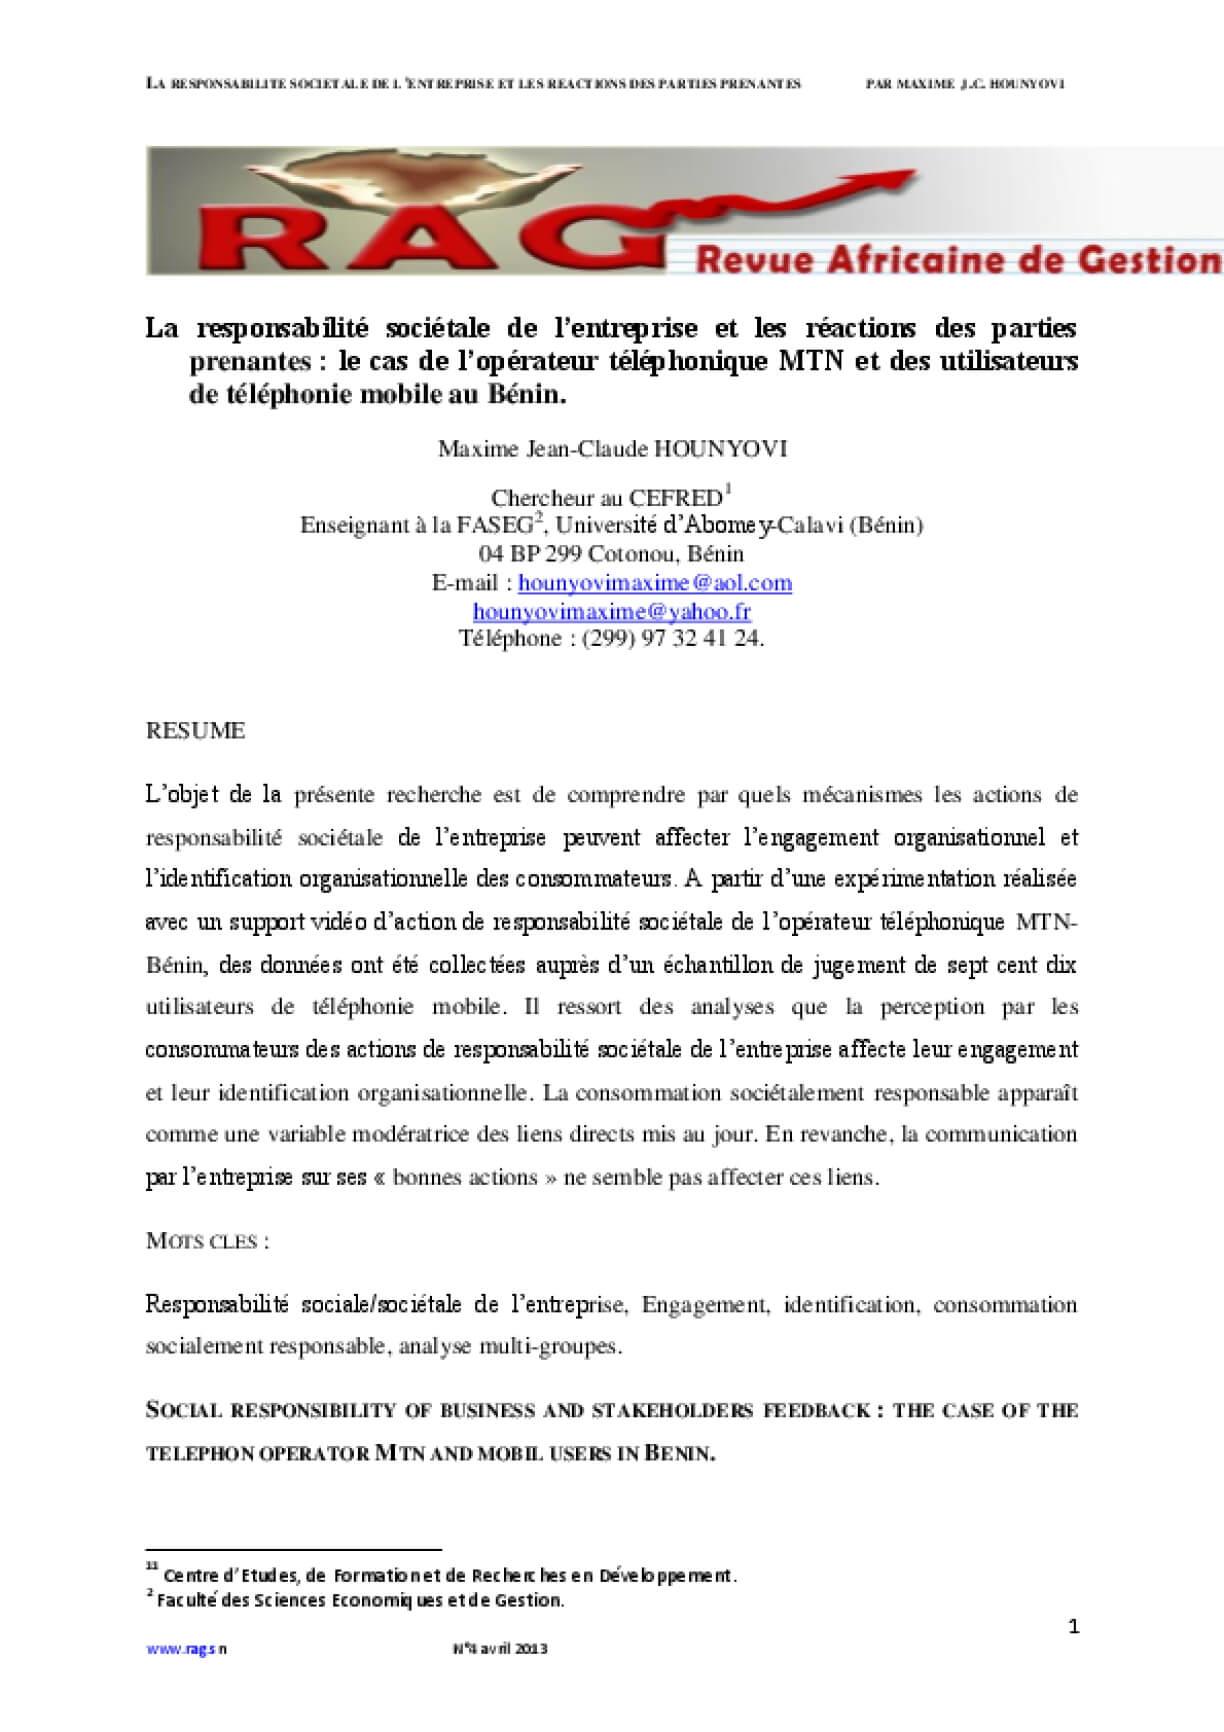 La Responsabilité Sociétale de L'entreprise et Les Réactions des Parties Prenantes : le Cas de L'opérateur Téléphonique Mtn et des Utilisateurs de Téléphonie Mobile au Bénin